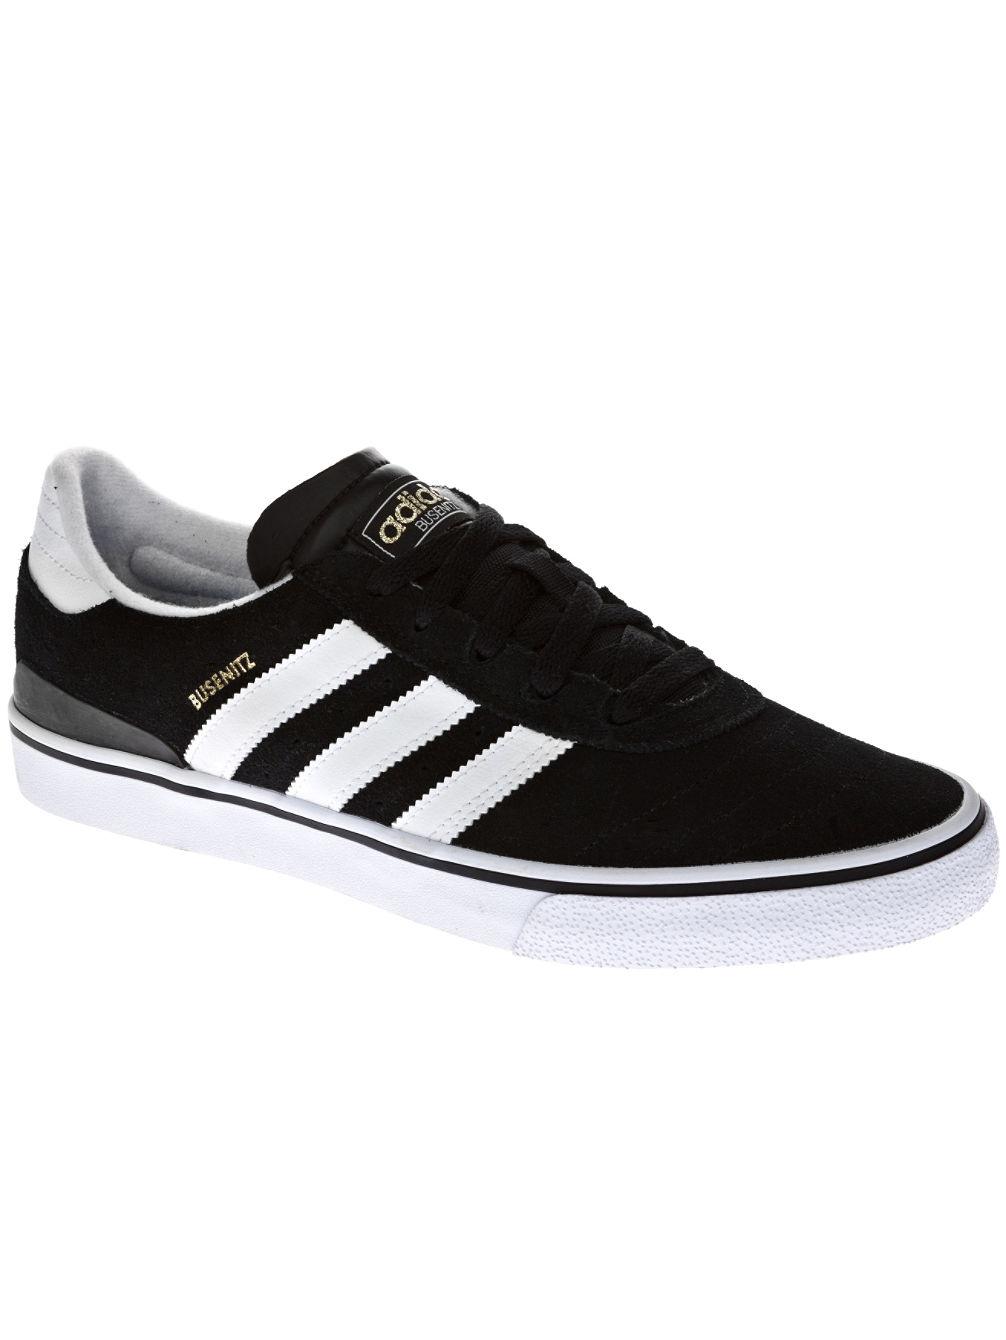 buy adidas skateboarding busenitz vulc skate shoes online at blue. Black Bedroom Furniture Sets. Home Design Ideas